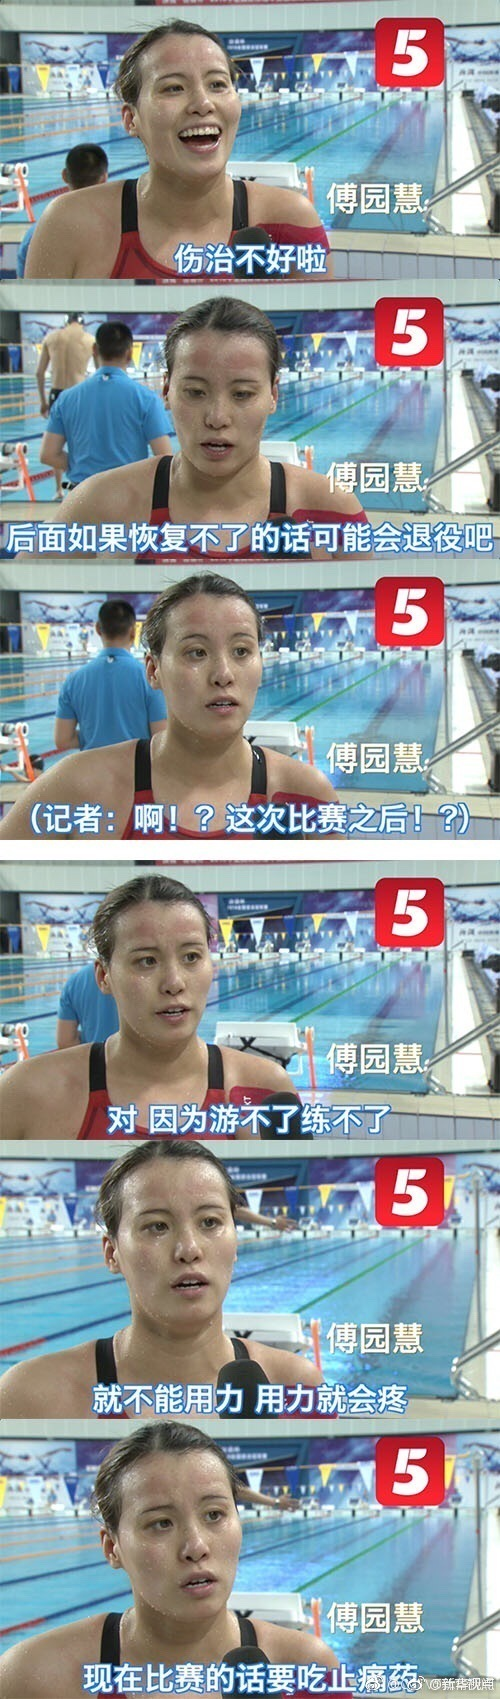 傅园慧仰泳预赛中爆冷出局 表示可能会选择退役